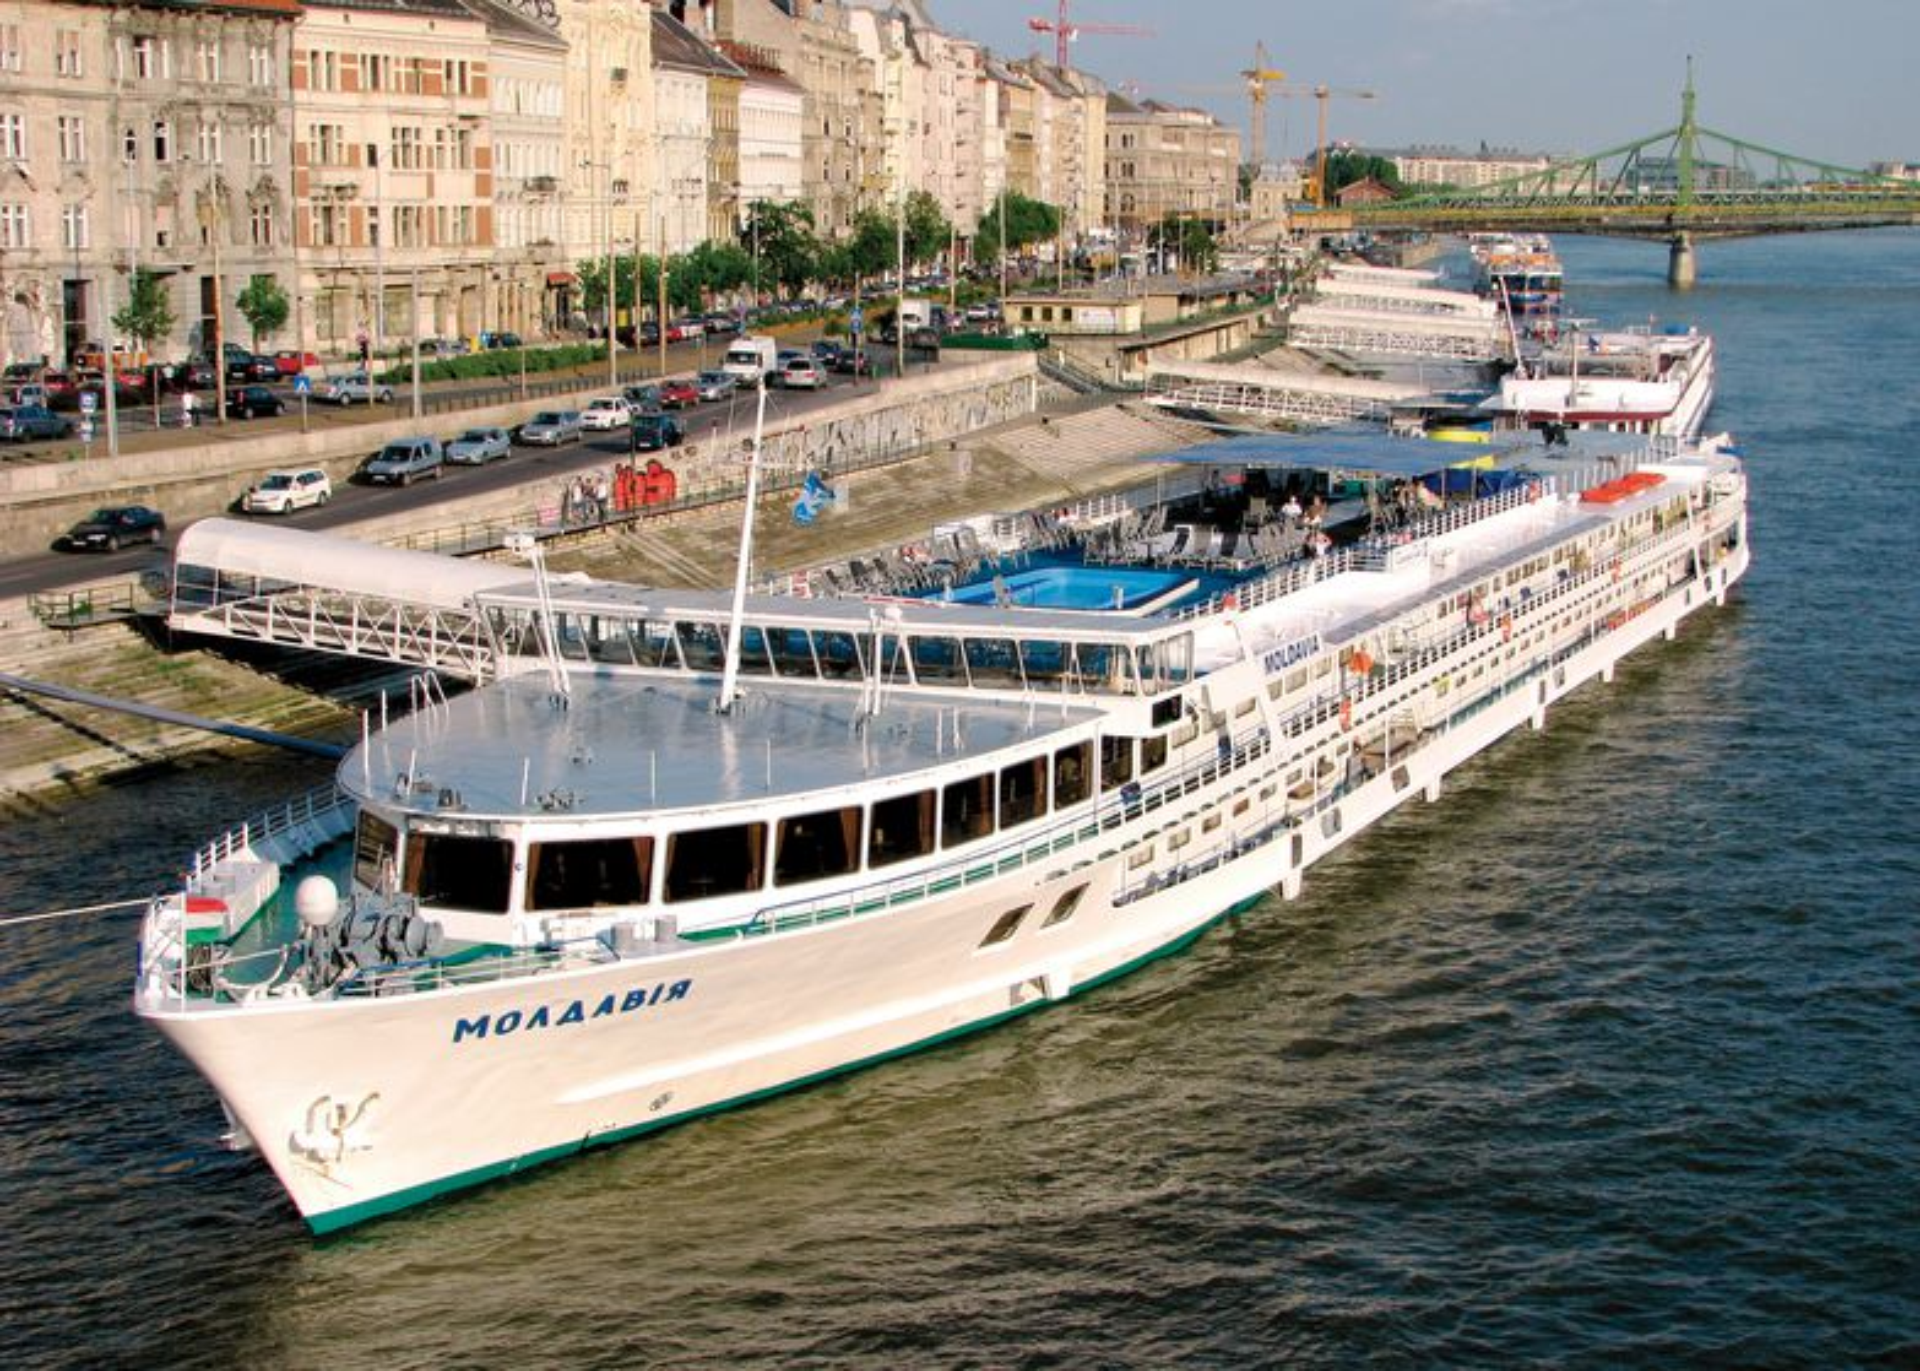 MS Moldavia - Donau Flusskreuzfahrt